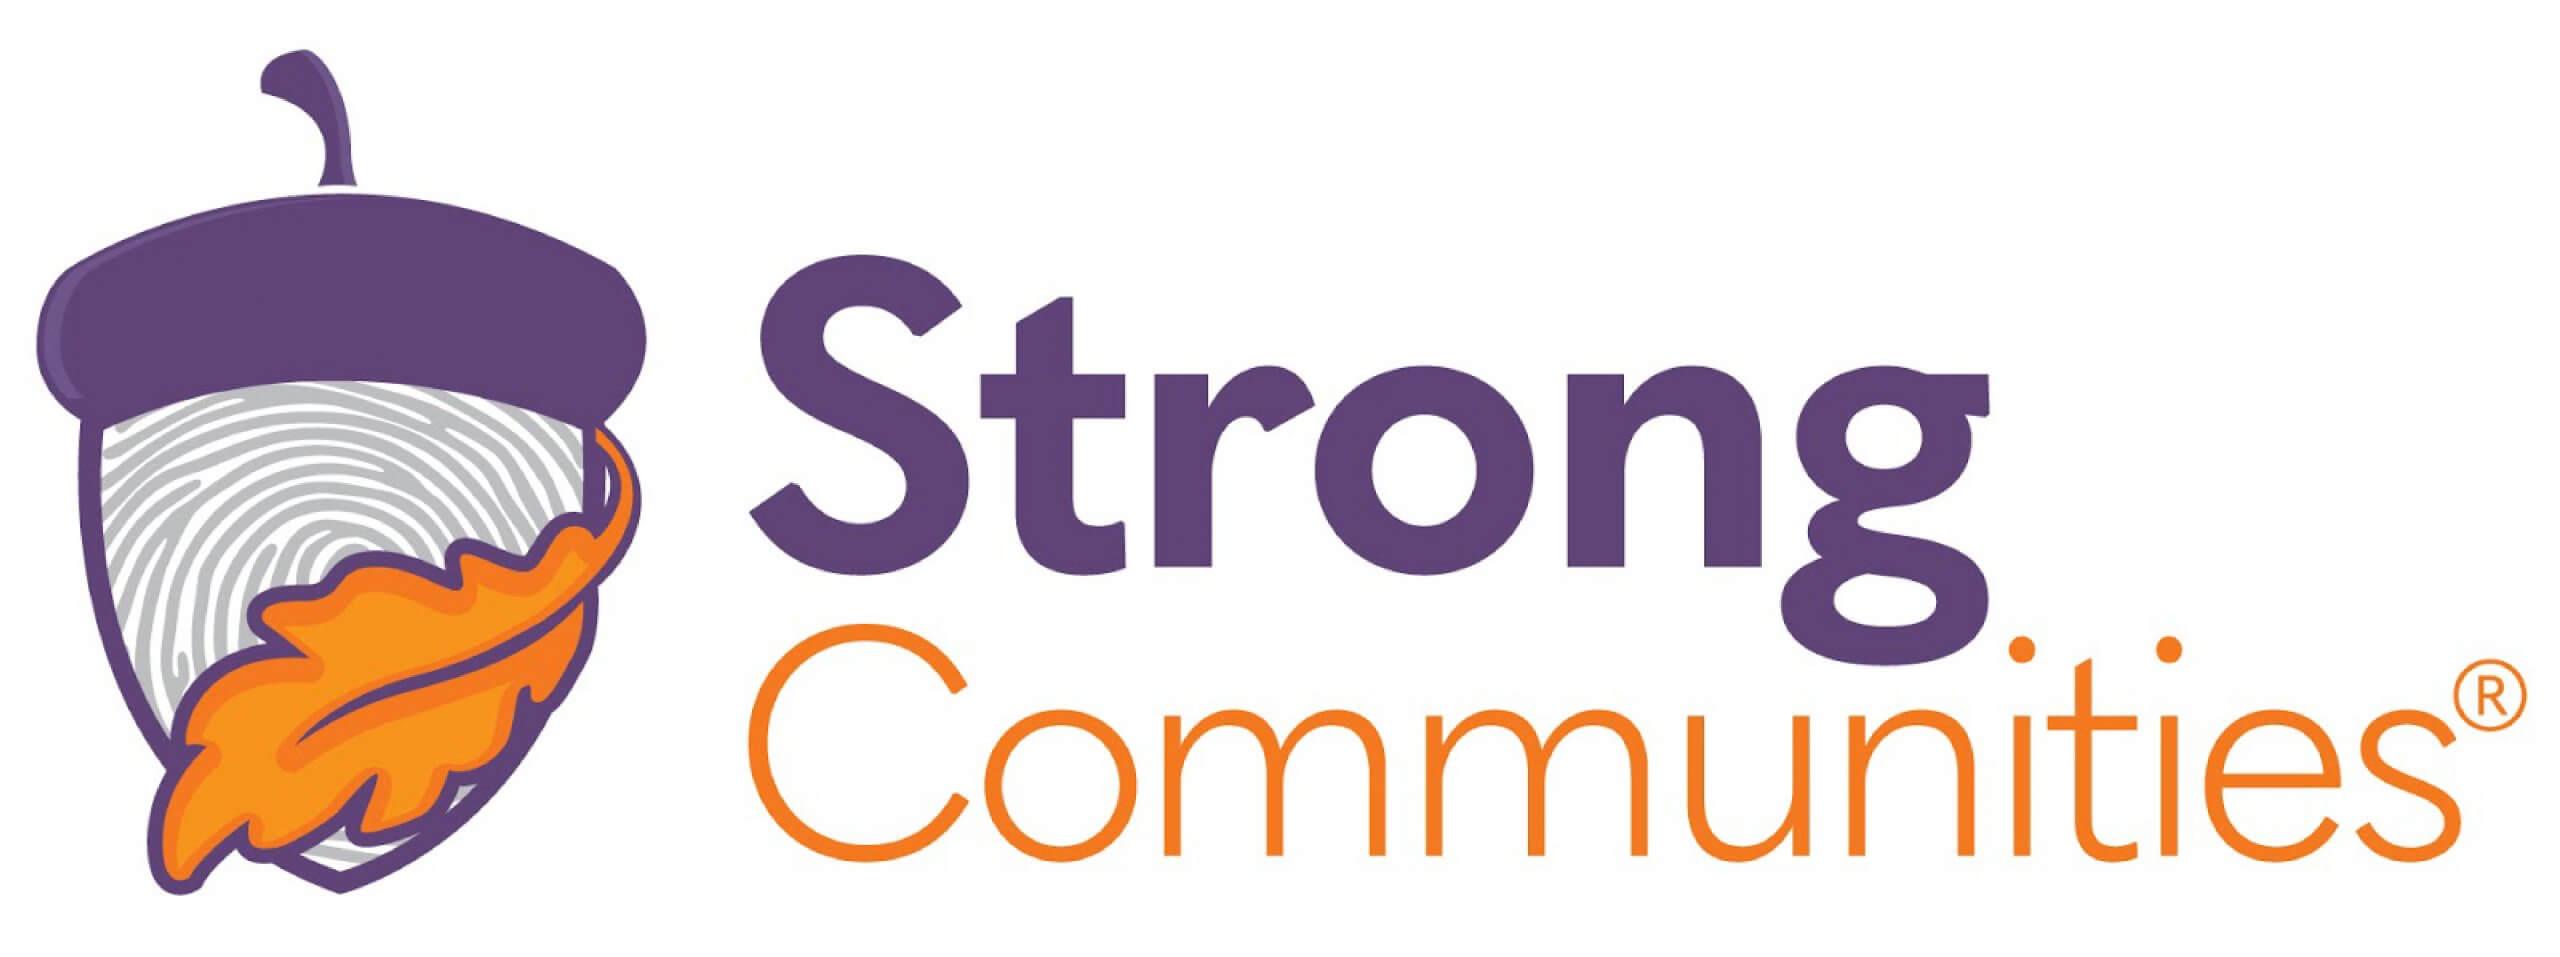 Strong communities logo